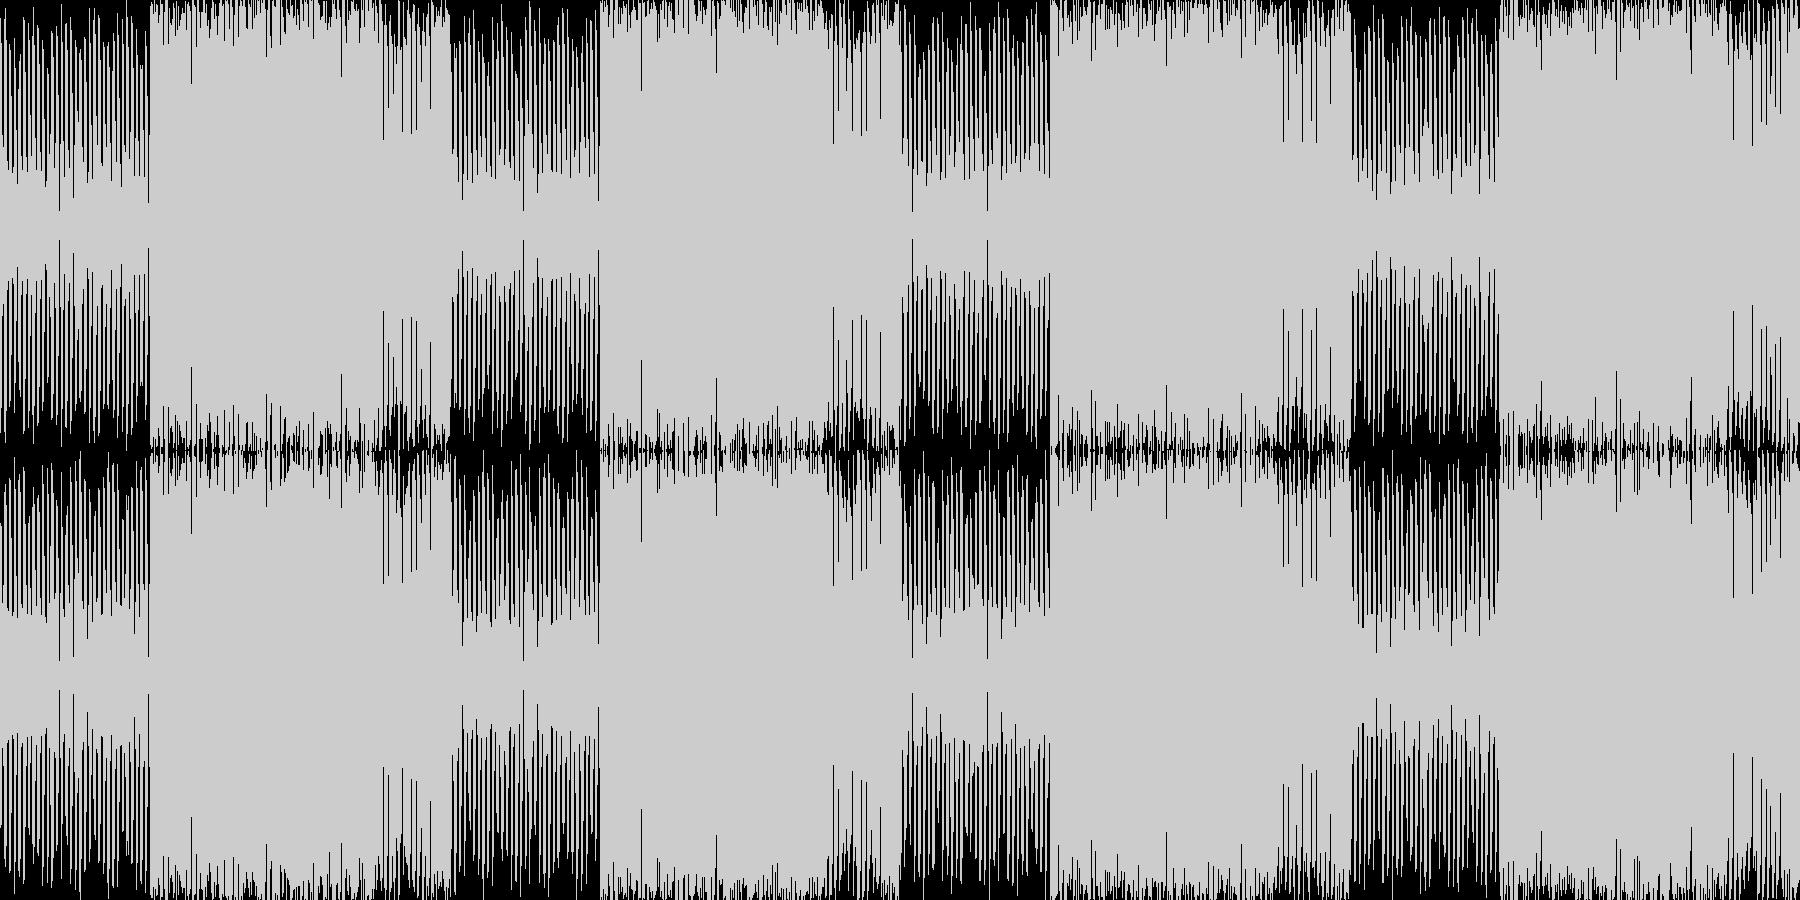 あやしい潜入映像のBGMの未再生の波形